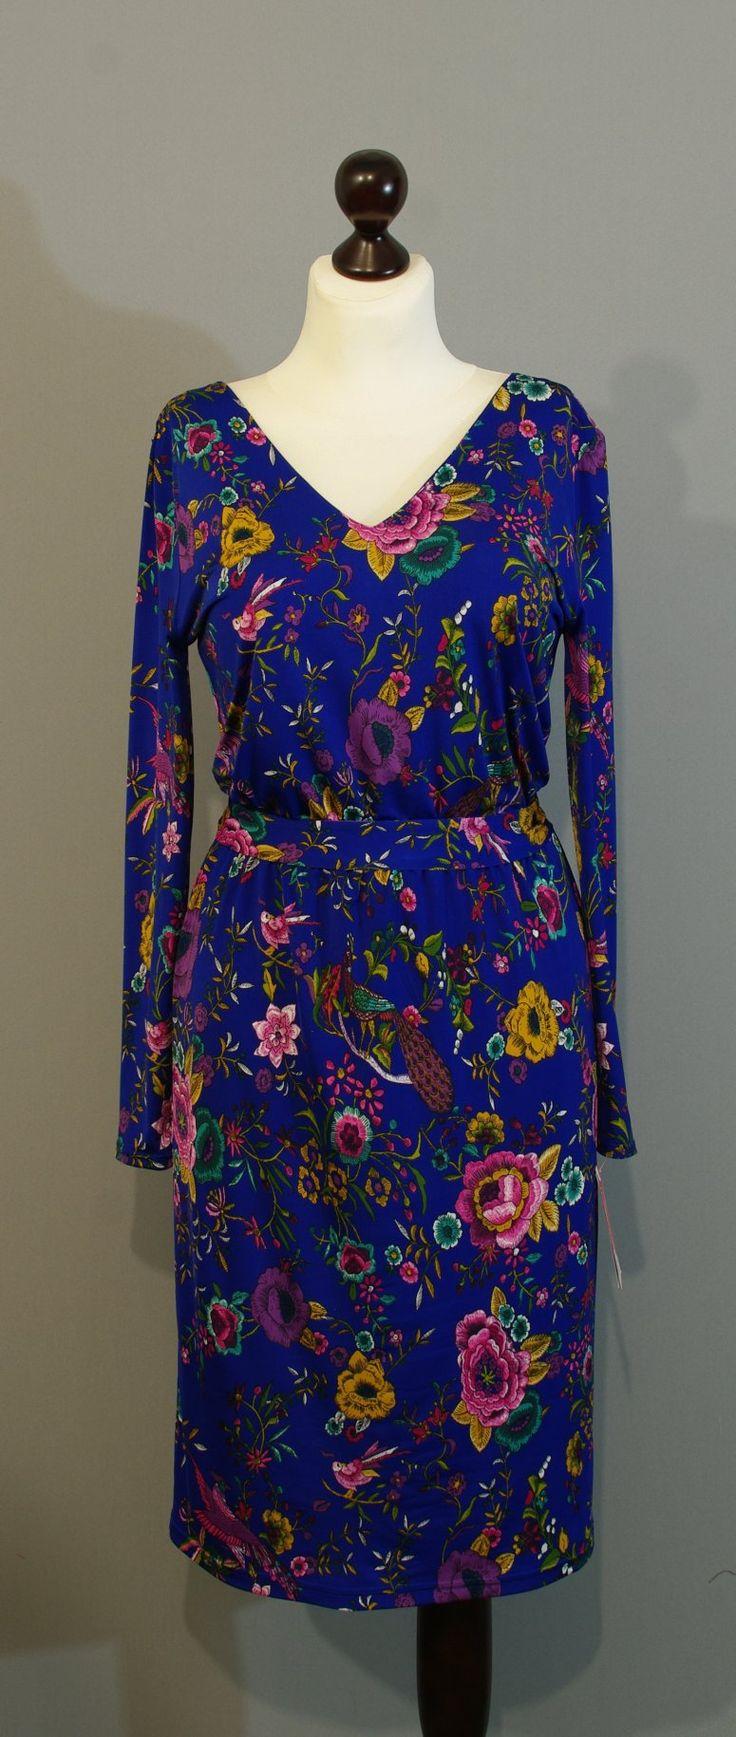 Синее платье с птичками от дизайнера Юлии, Платье-терапия Киев (47)